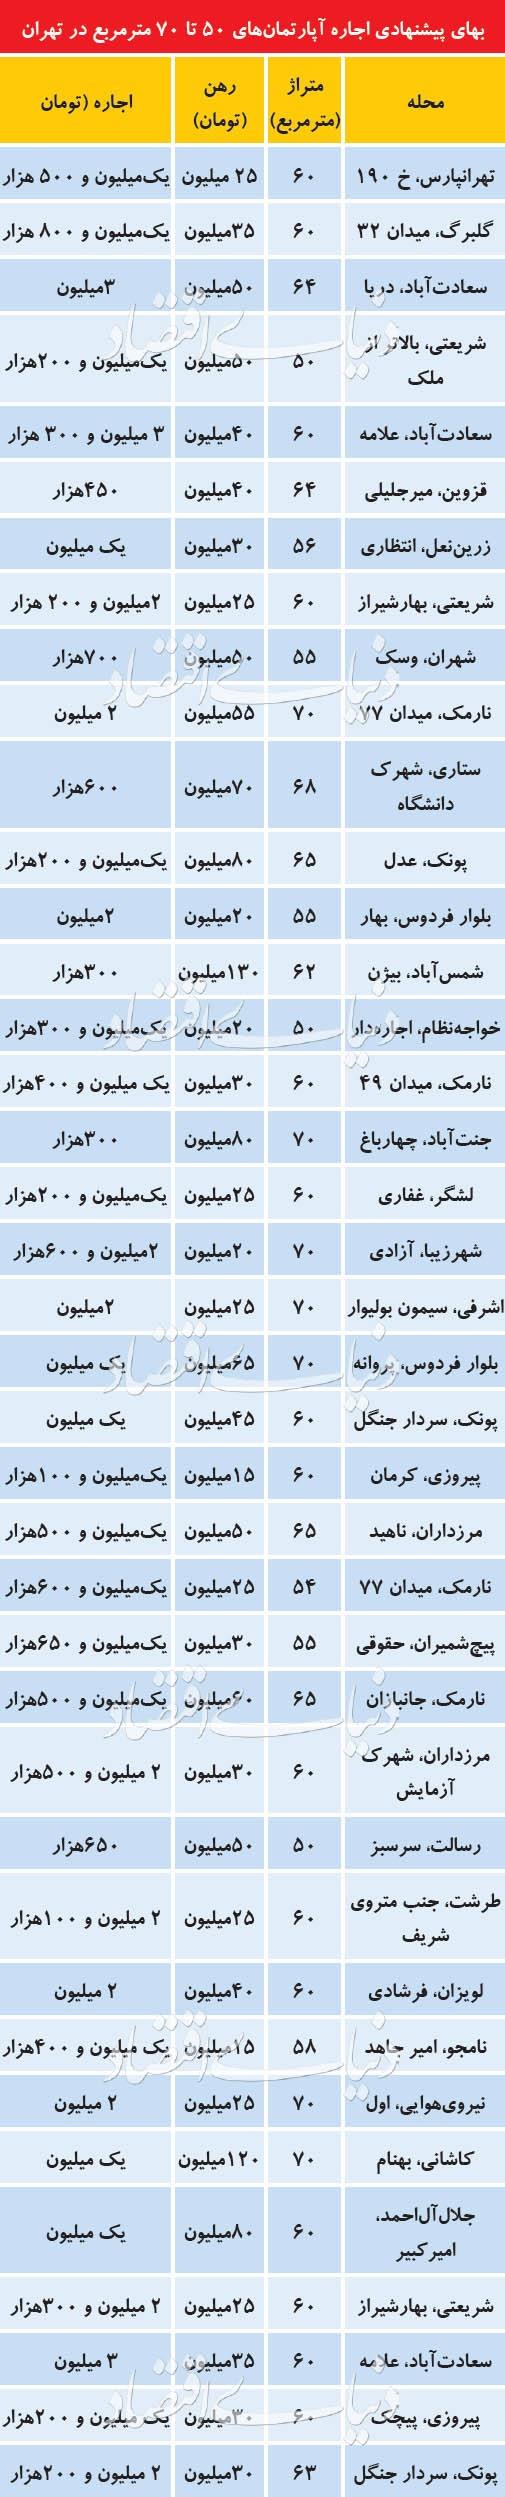 قیمت اجاره آپارتمانهای کوچک در تهران